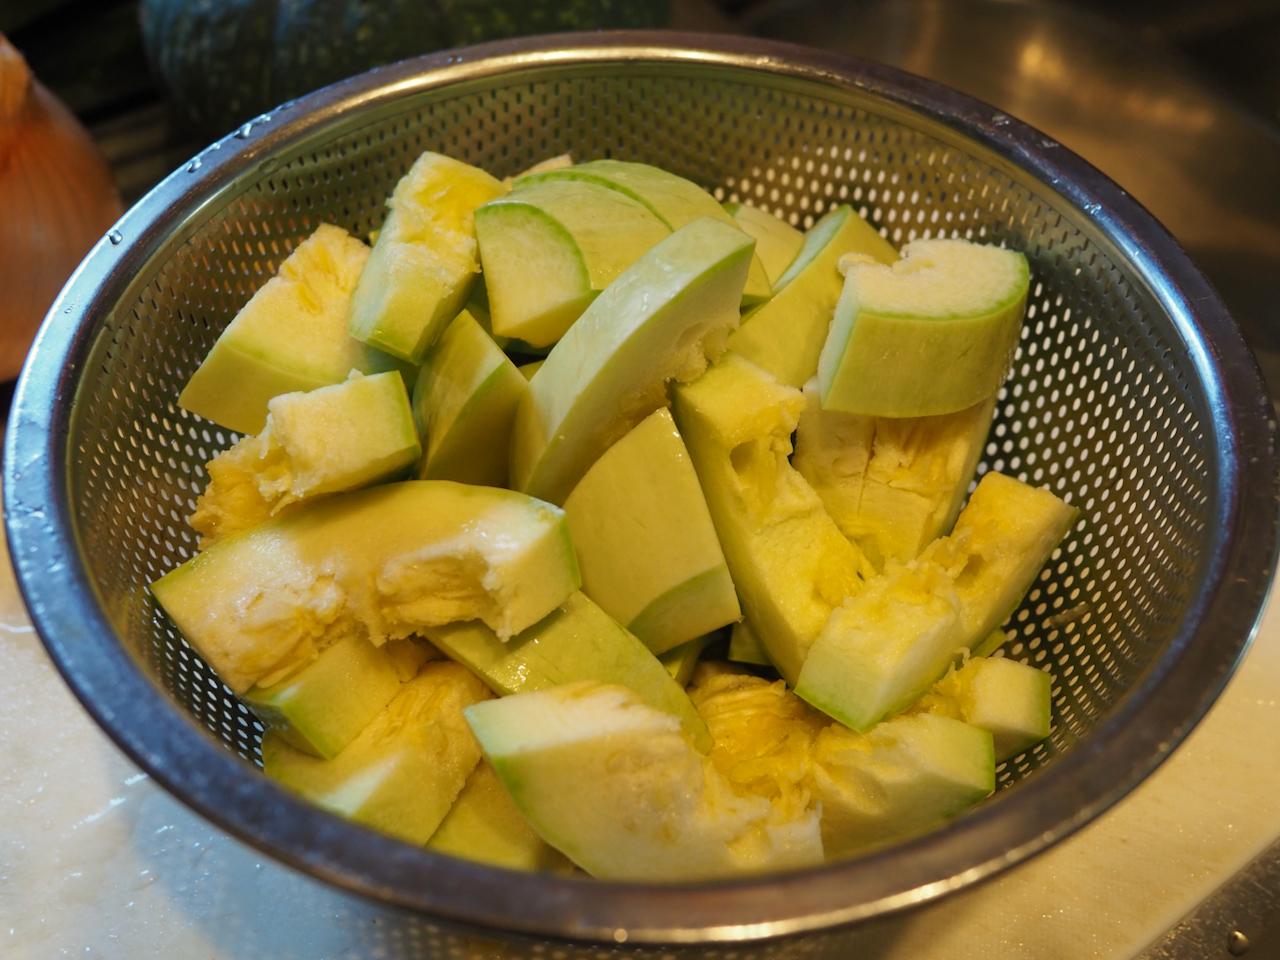 zucchini_2107-103.jpeg